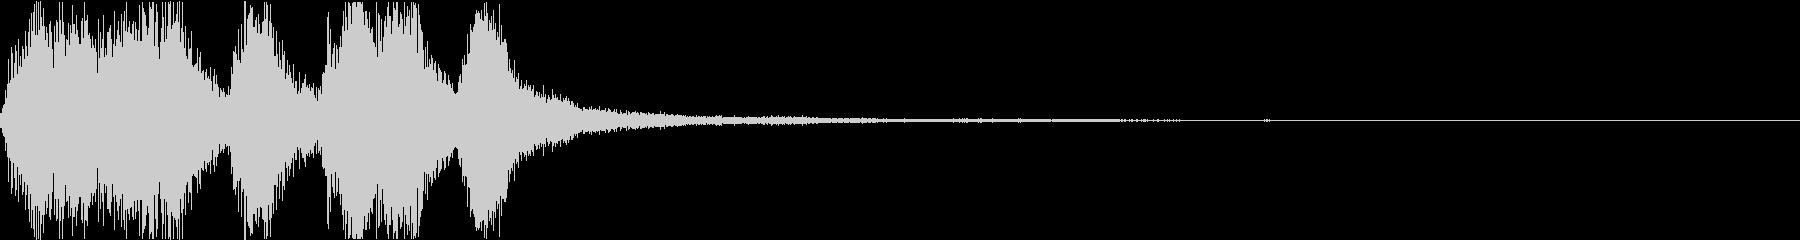 ラッパ ファンファーレ 定番 18の未再生の波形